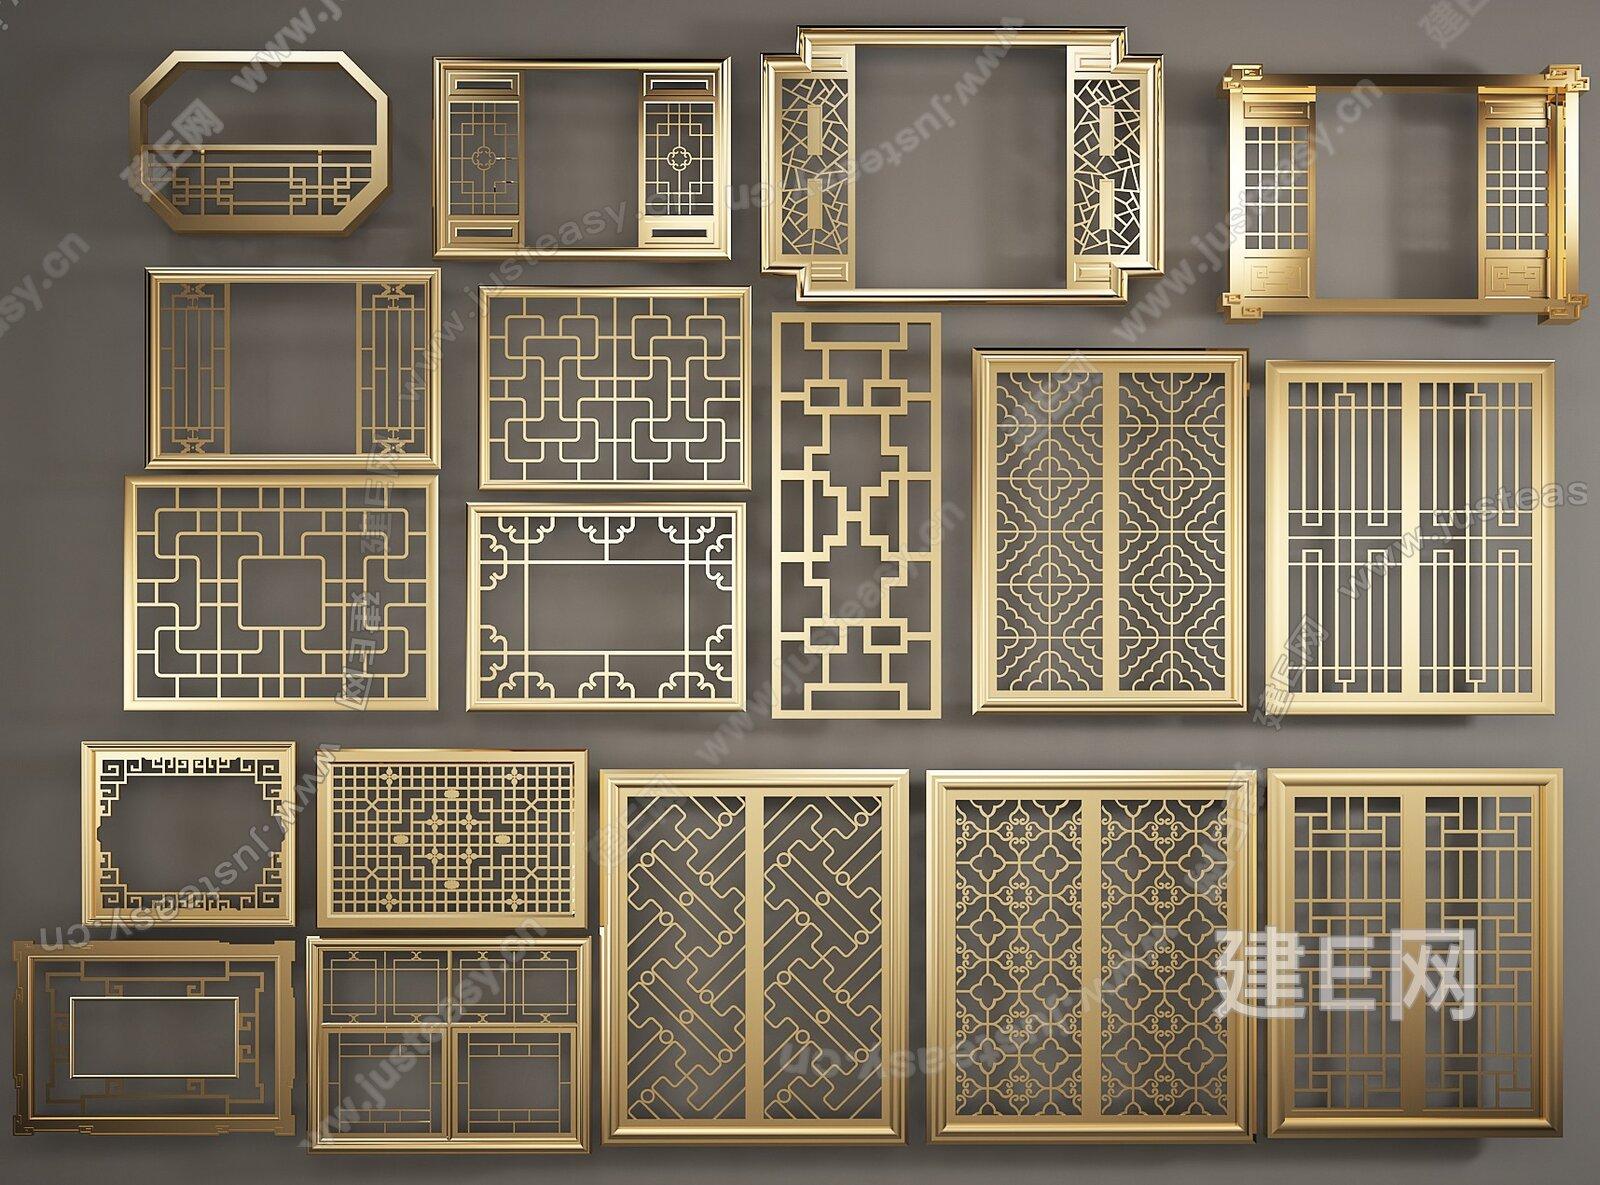 中式窗花隔断/屏风构件五金模型-3d模型分享交流平台